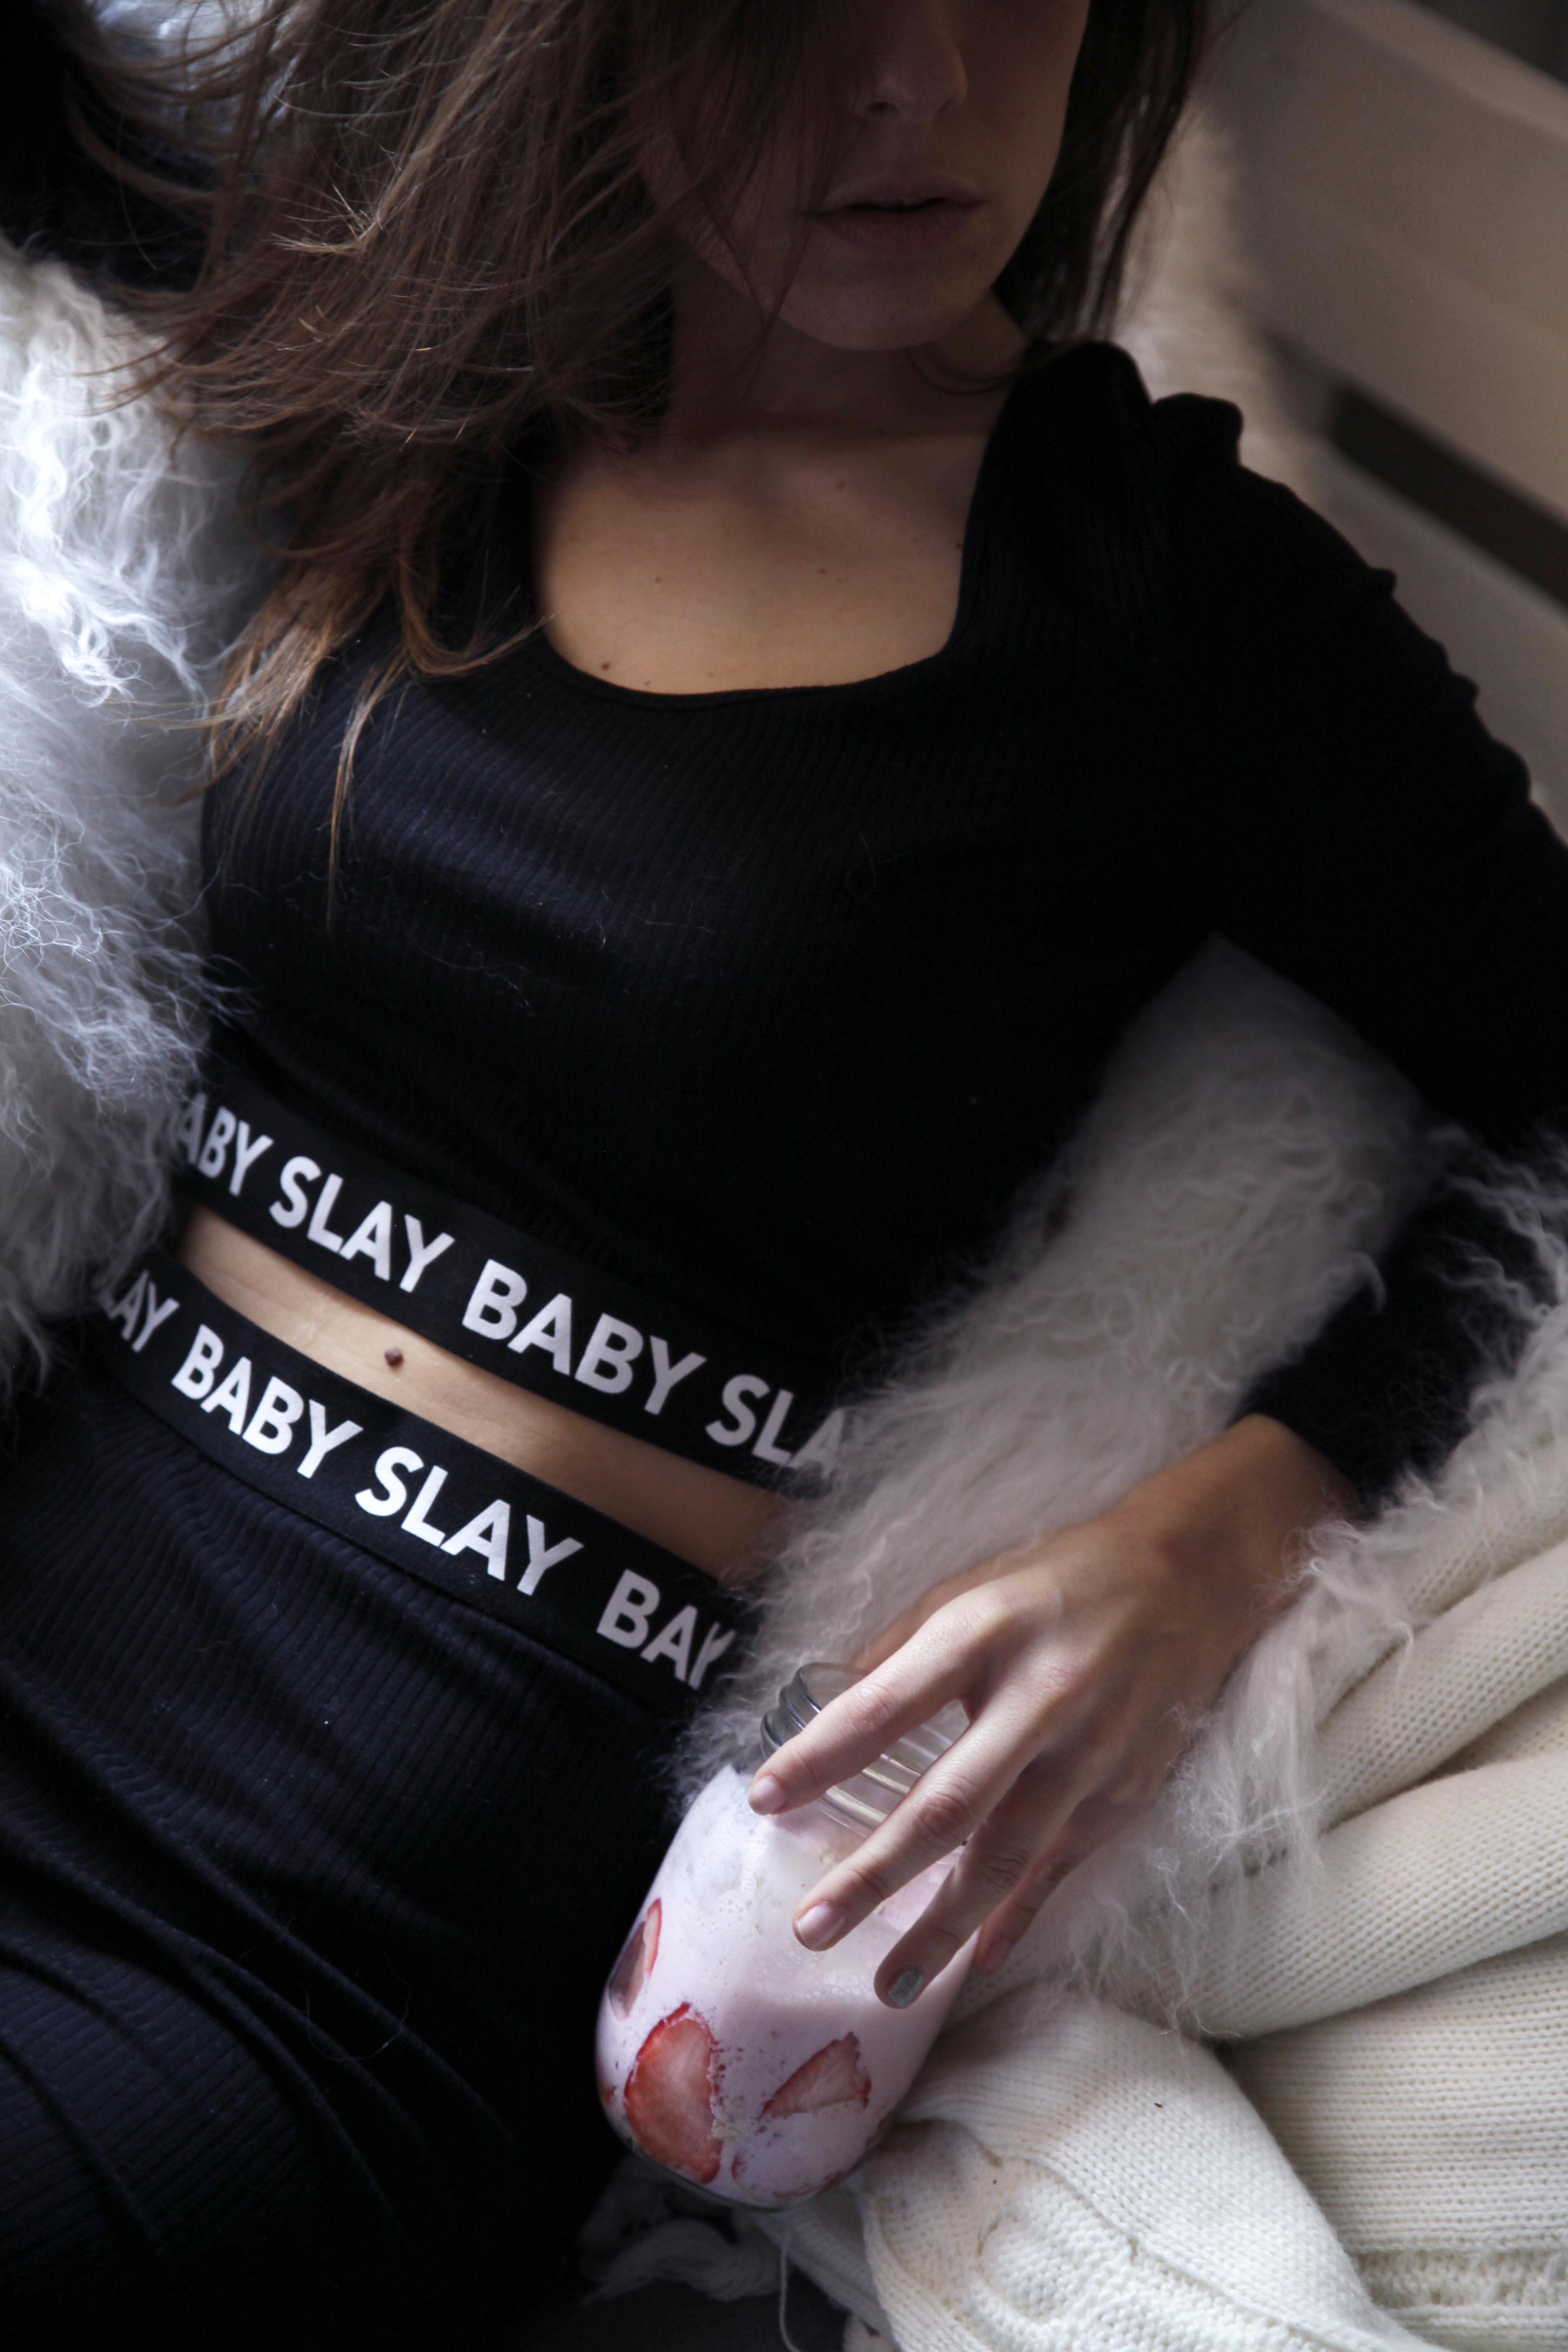 013_baby_slay_batido_de_frutas_para_empezar_el_lunes_theguetstgirl_laura_santolaria_influencer_barcelona